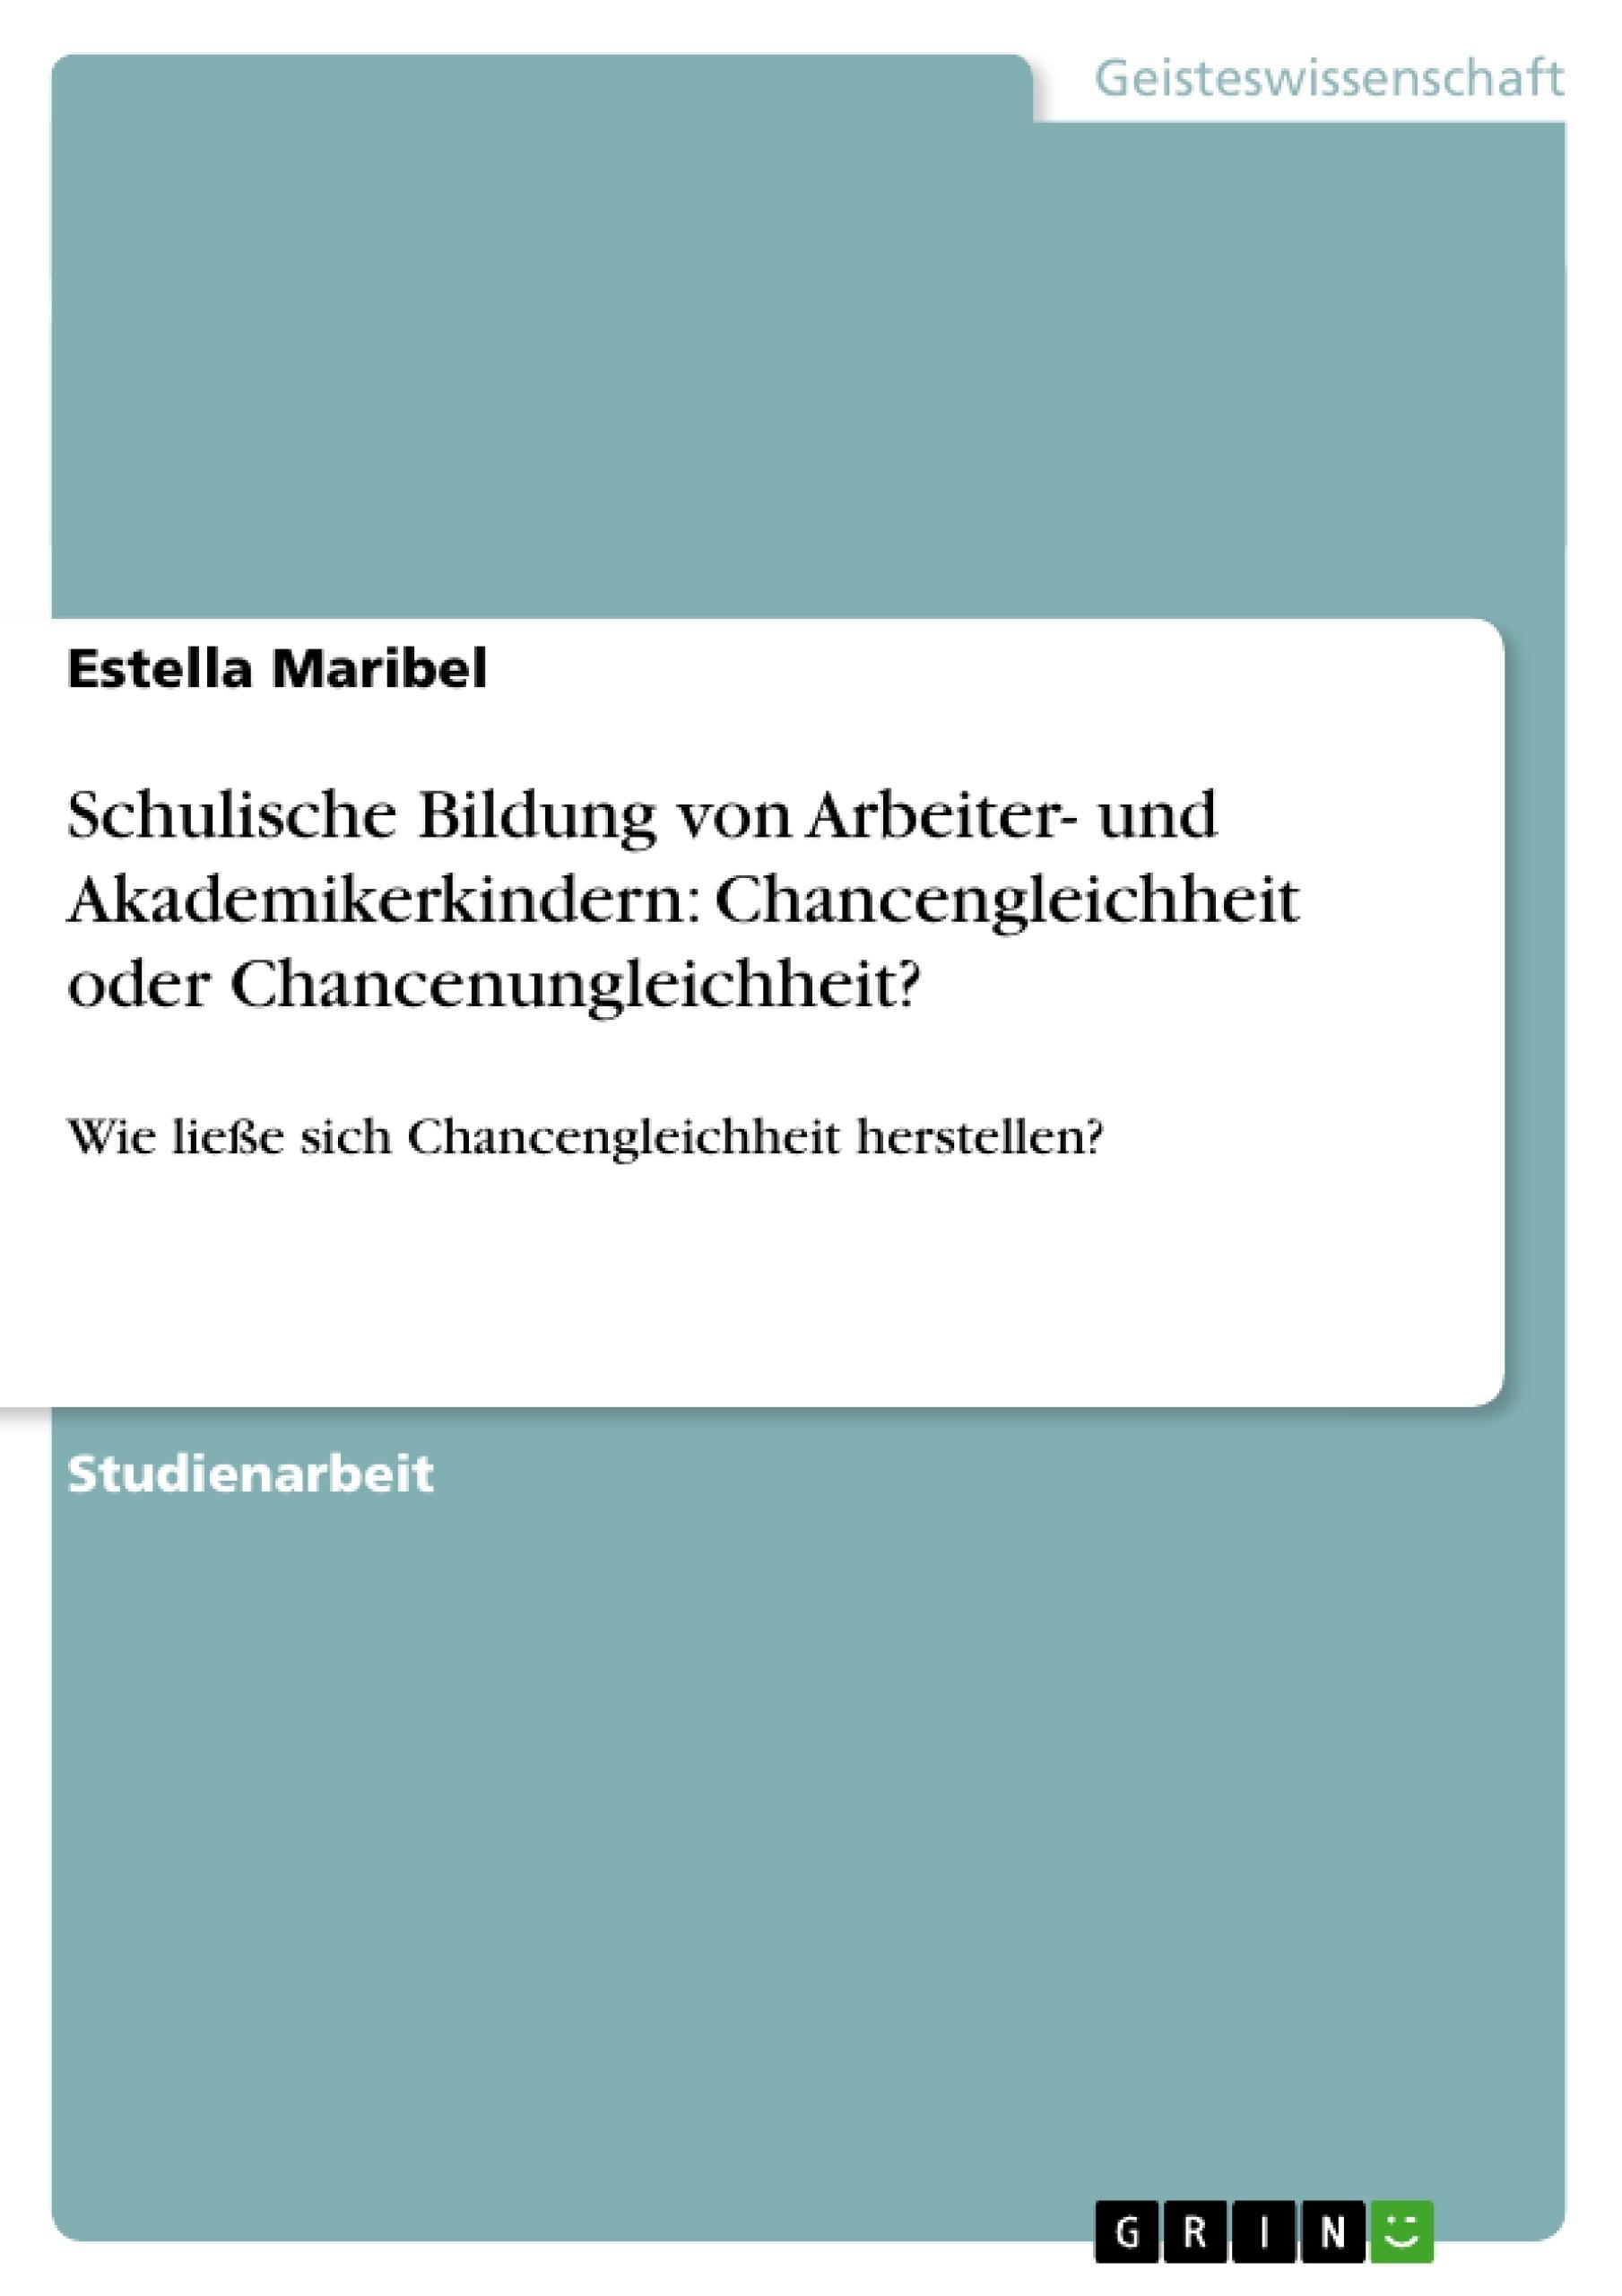 Titel: Schulische Bildung von Arbeiter- und Akademikerkindern: Chancengleichheit oder Chancenungleichheit?